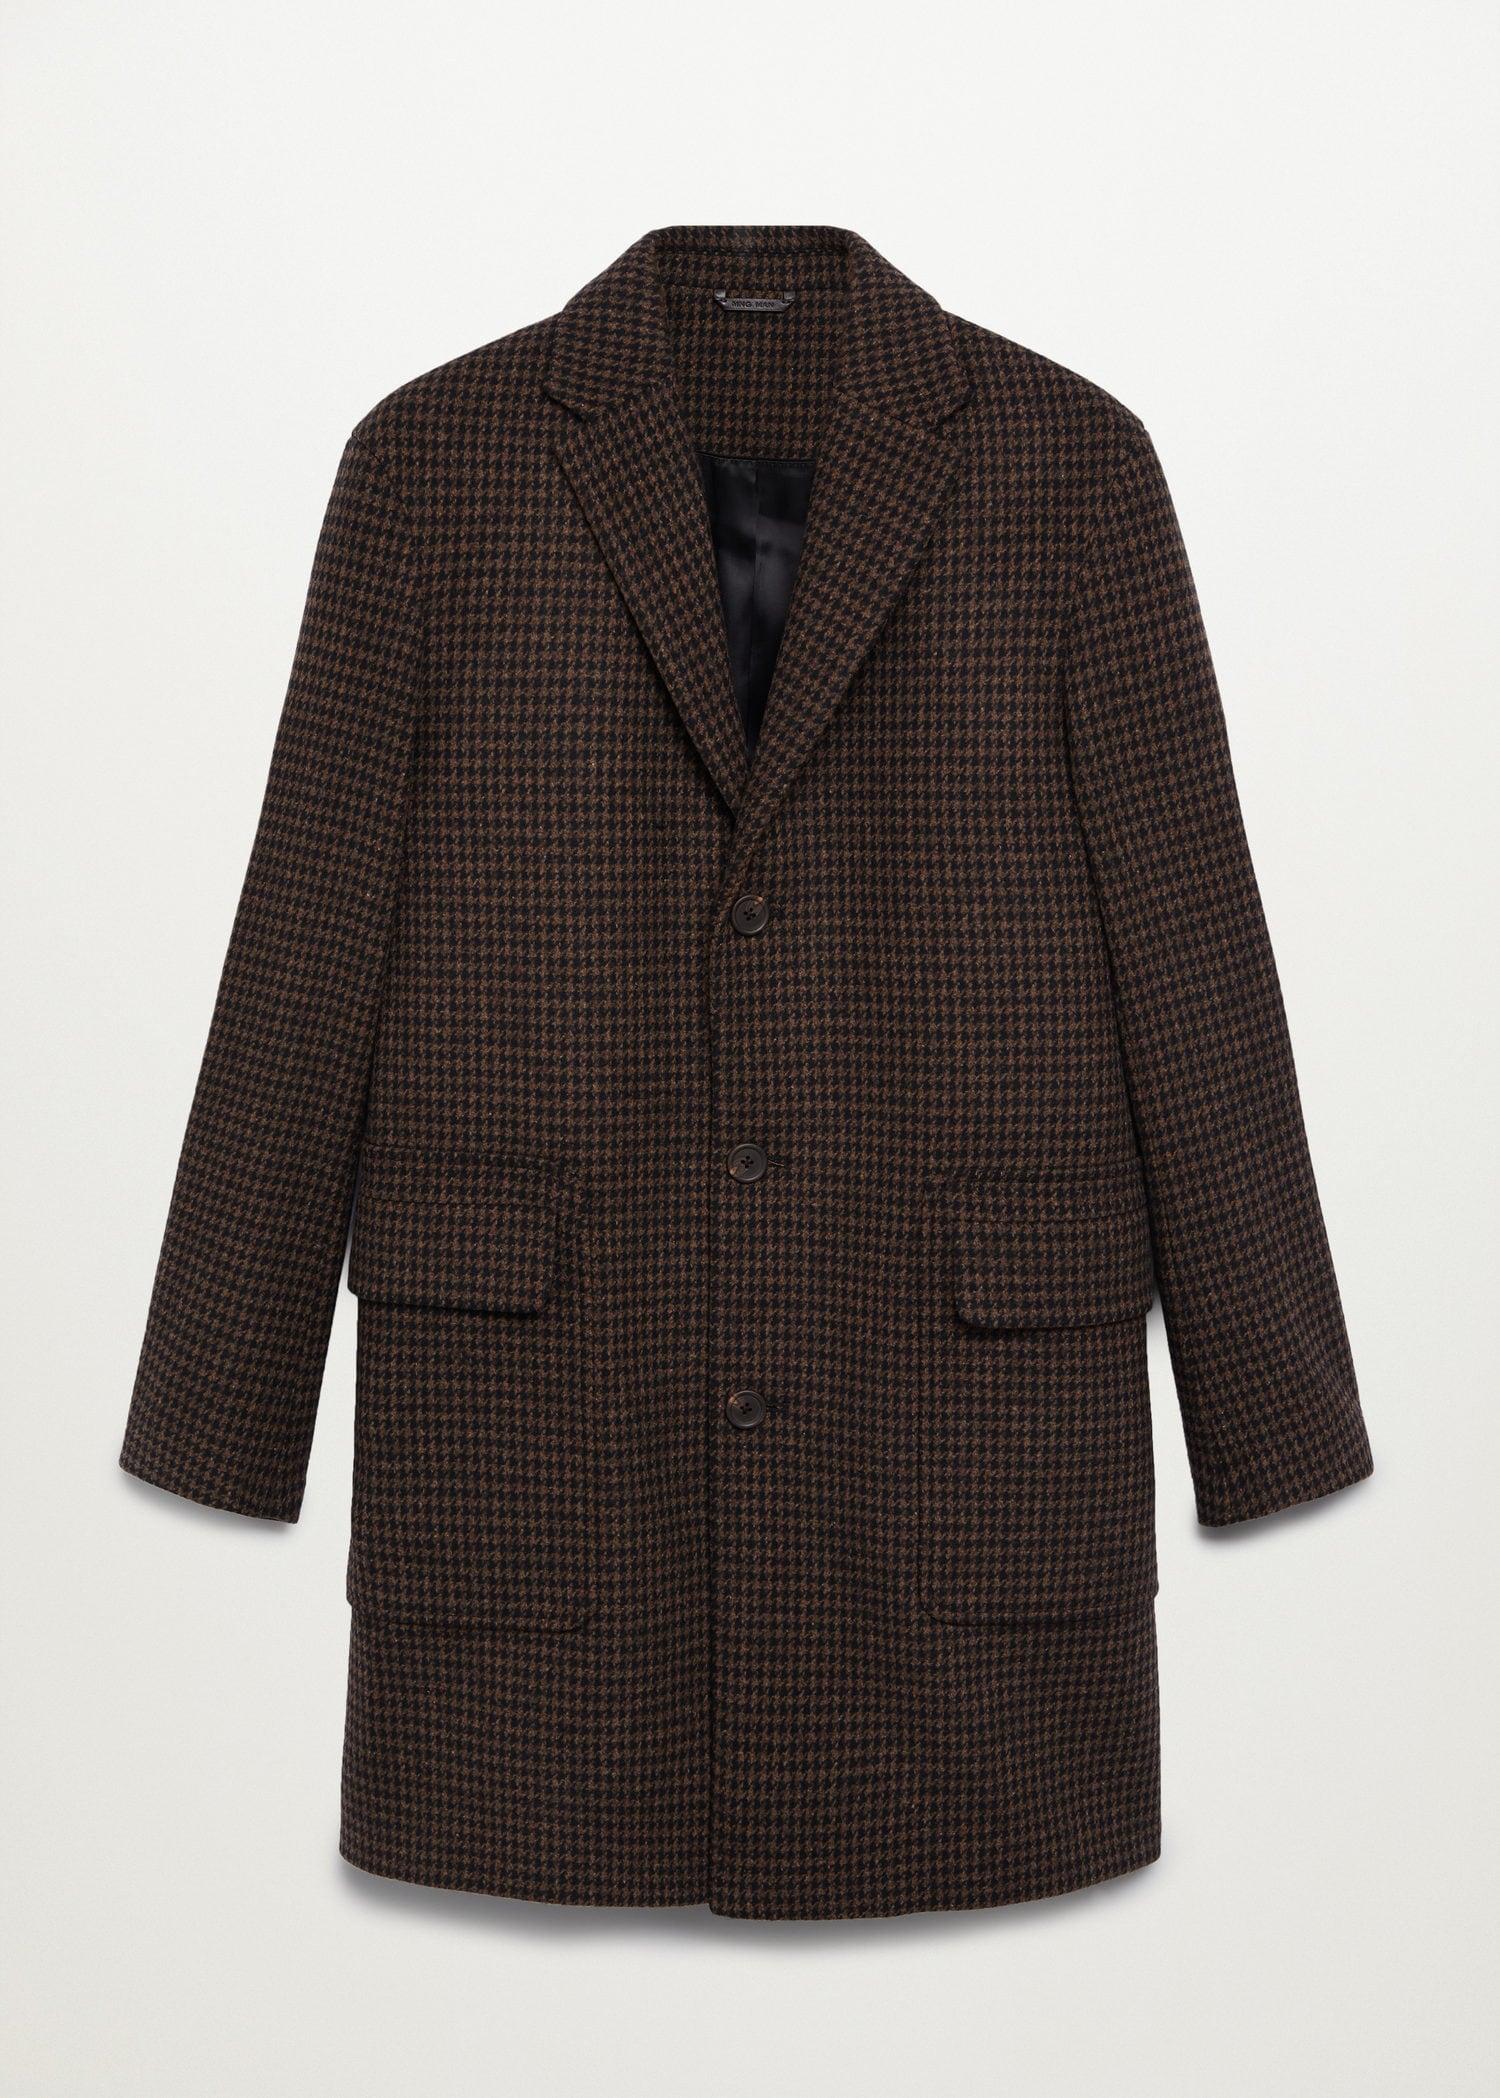 Abrigo Tailored lana reciclada